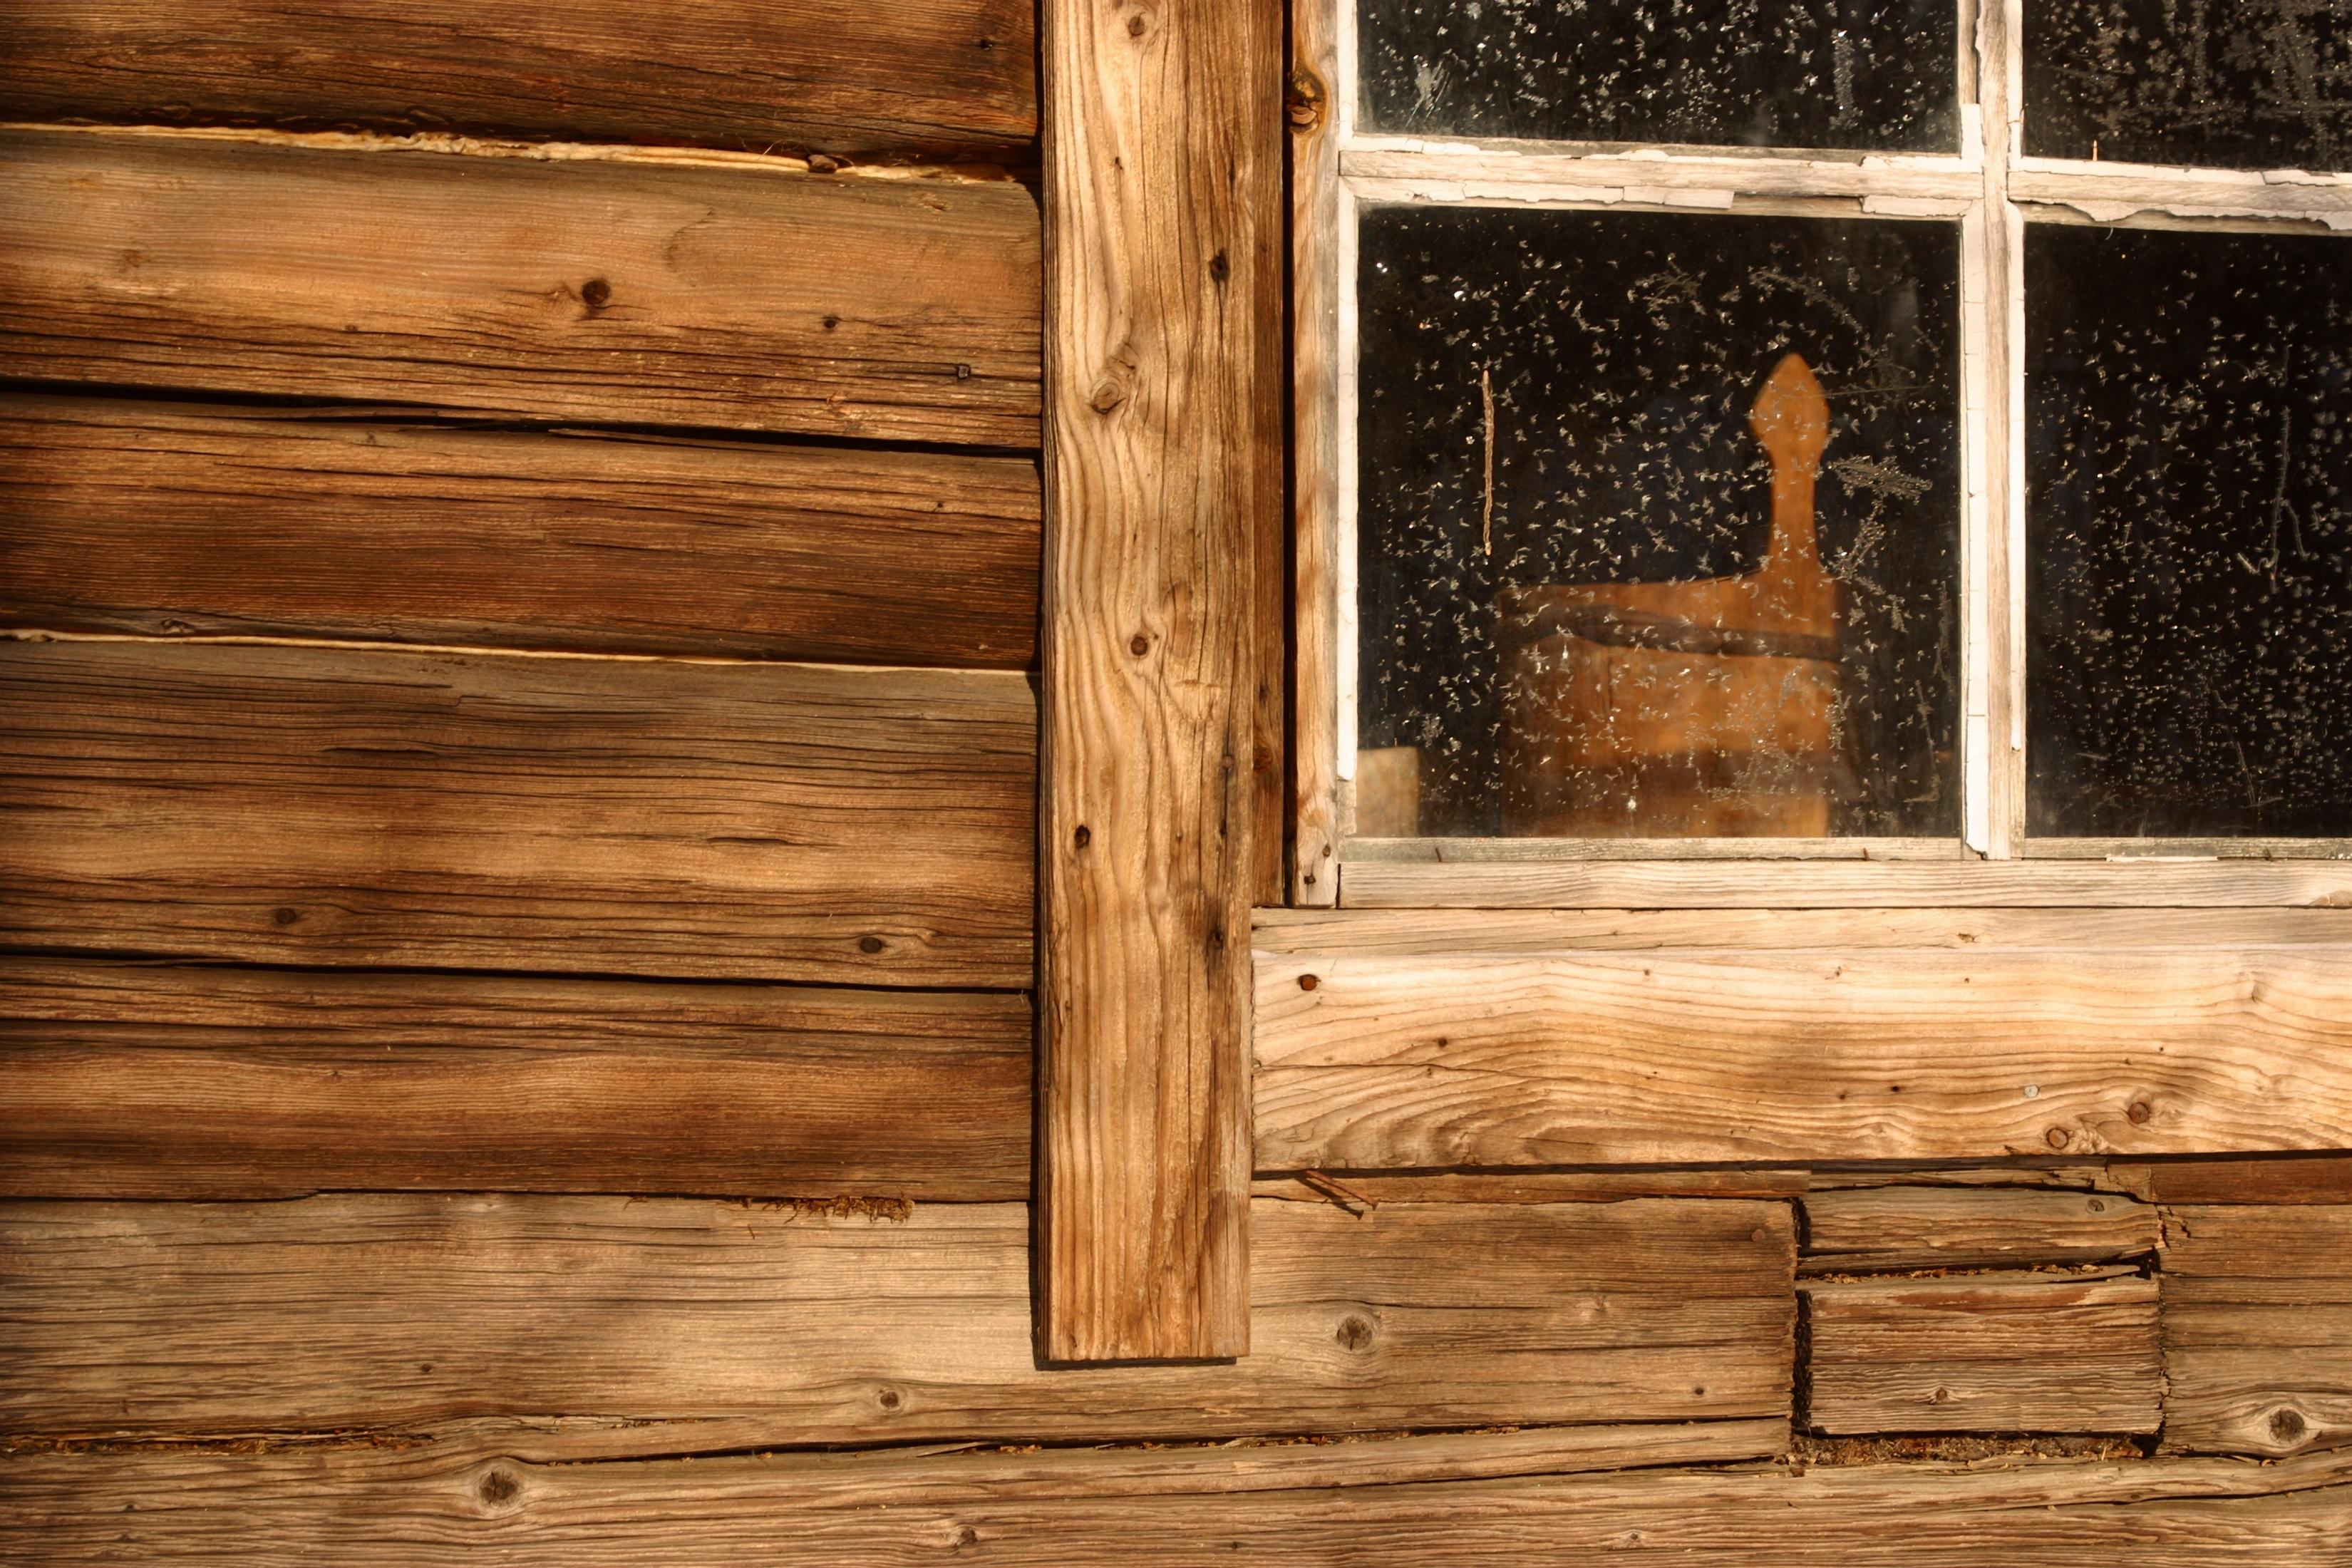 Cómo reparar los marcos podridos de una ventana de madera? |